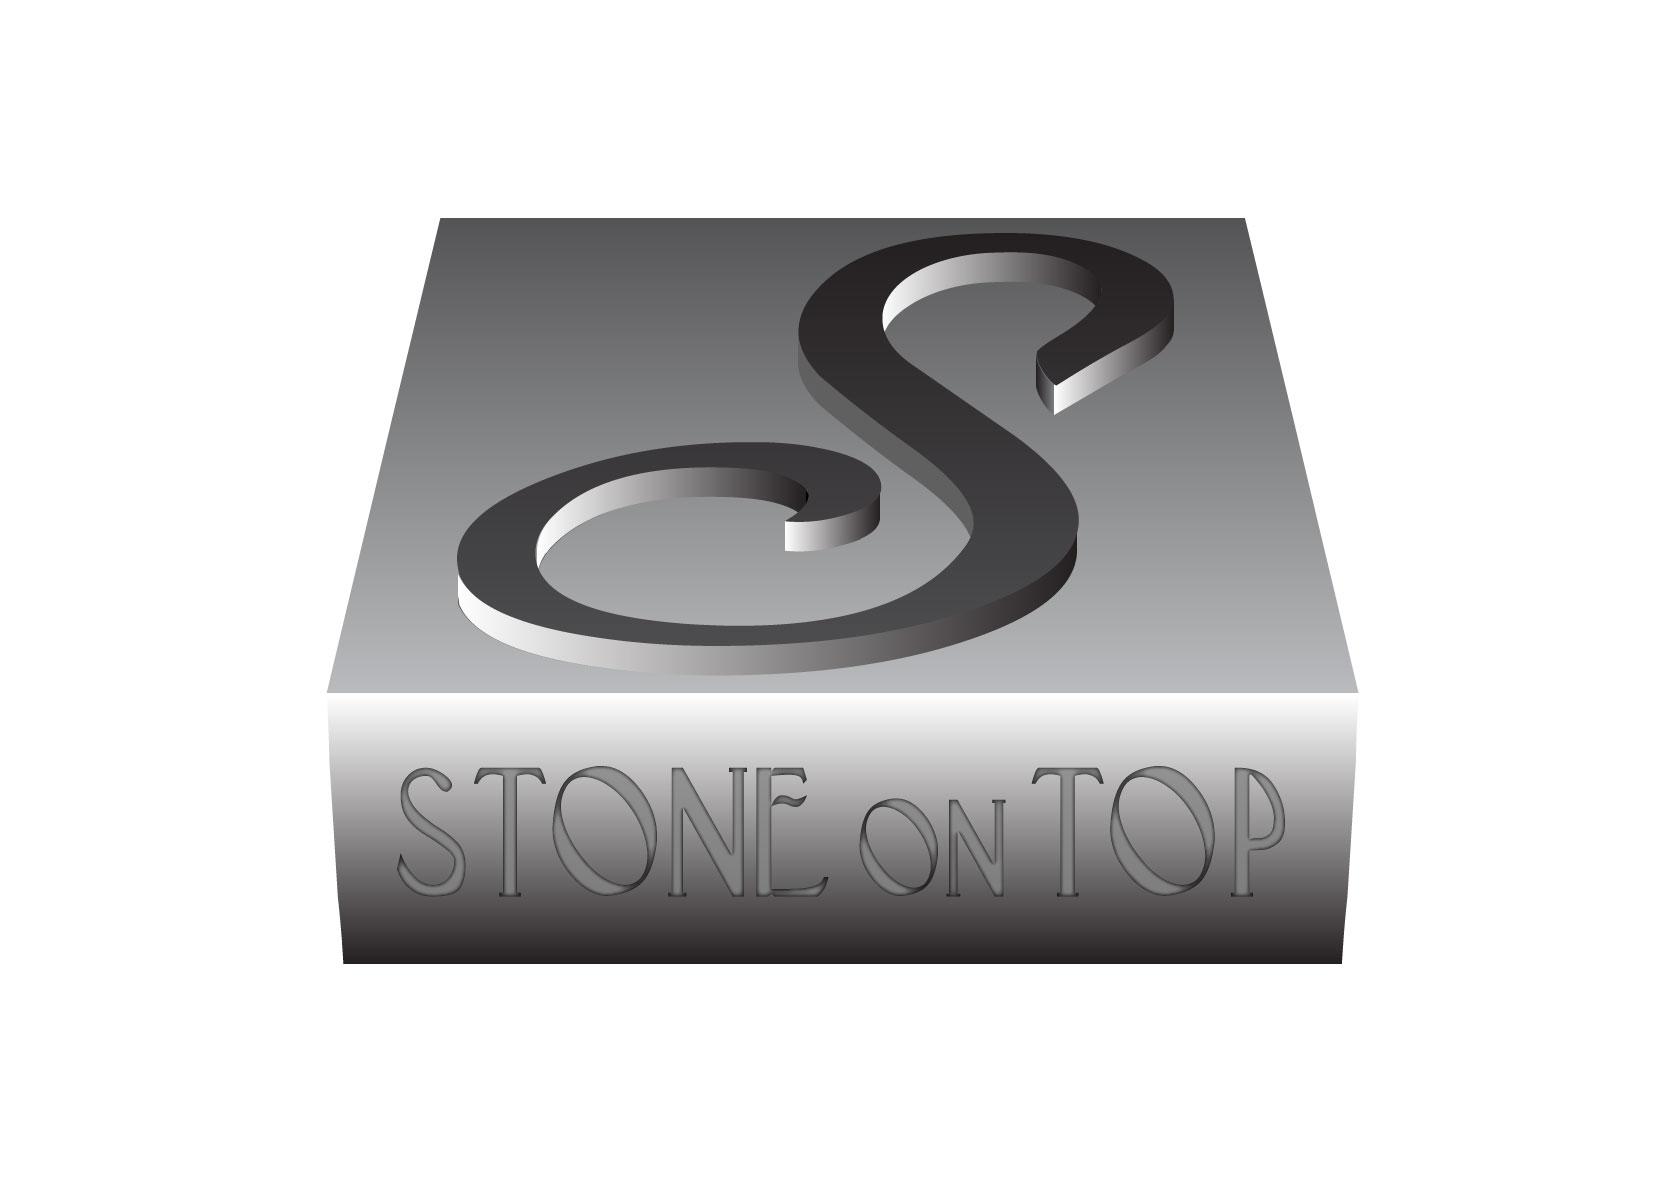 STONE-ON-TOP-LOGO